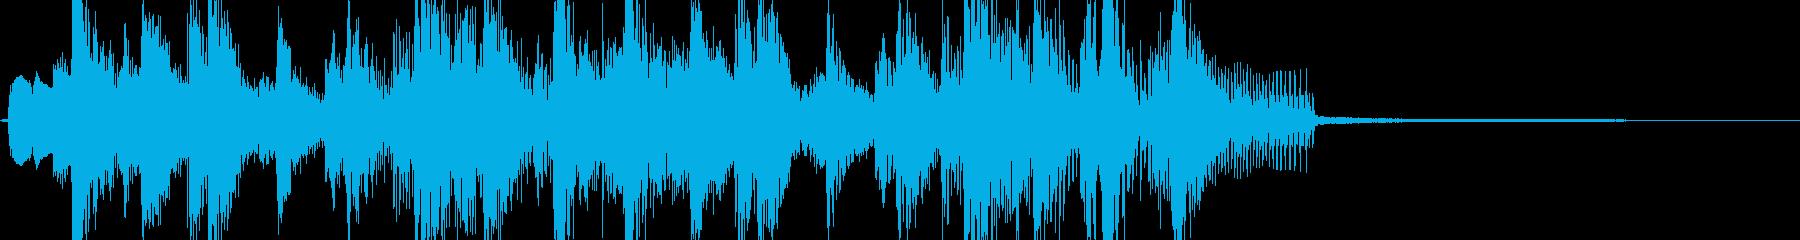 ファンキー・イカす琴の和風ジングル Aの再生済みの波形